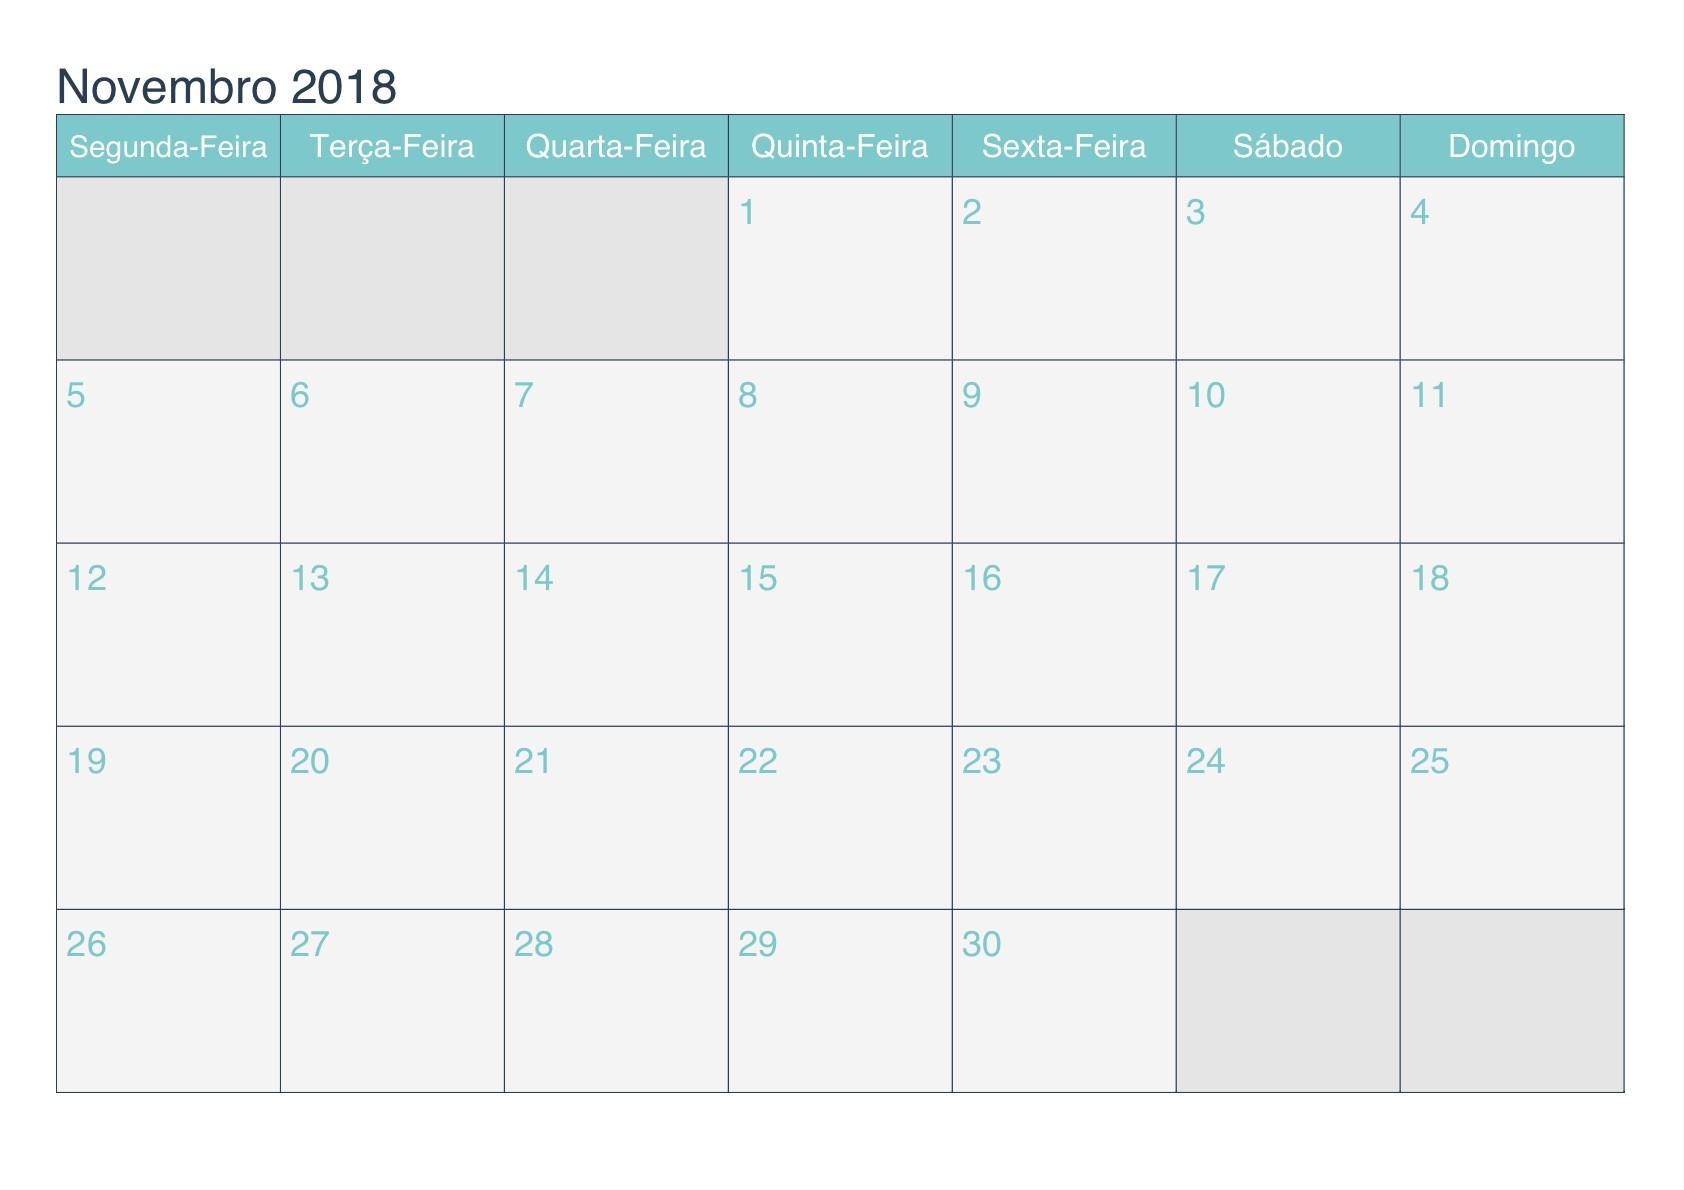 Novembro 2018 Calendario Imprimir